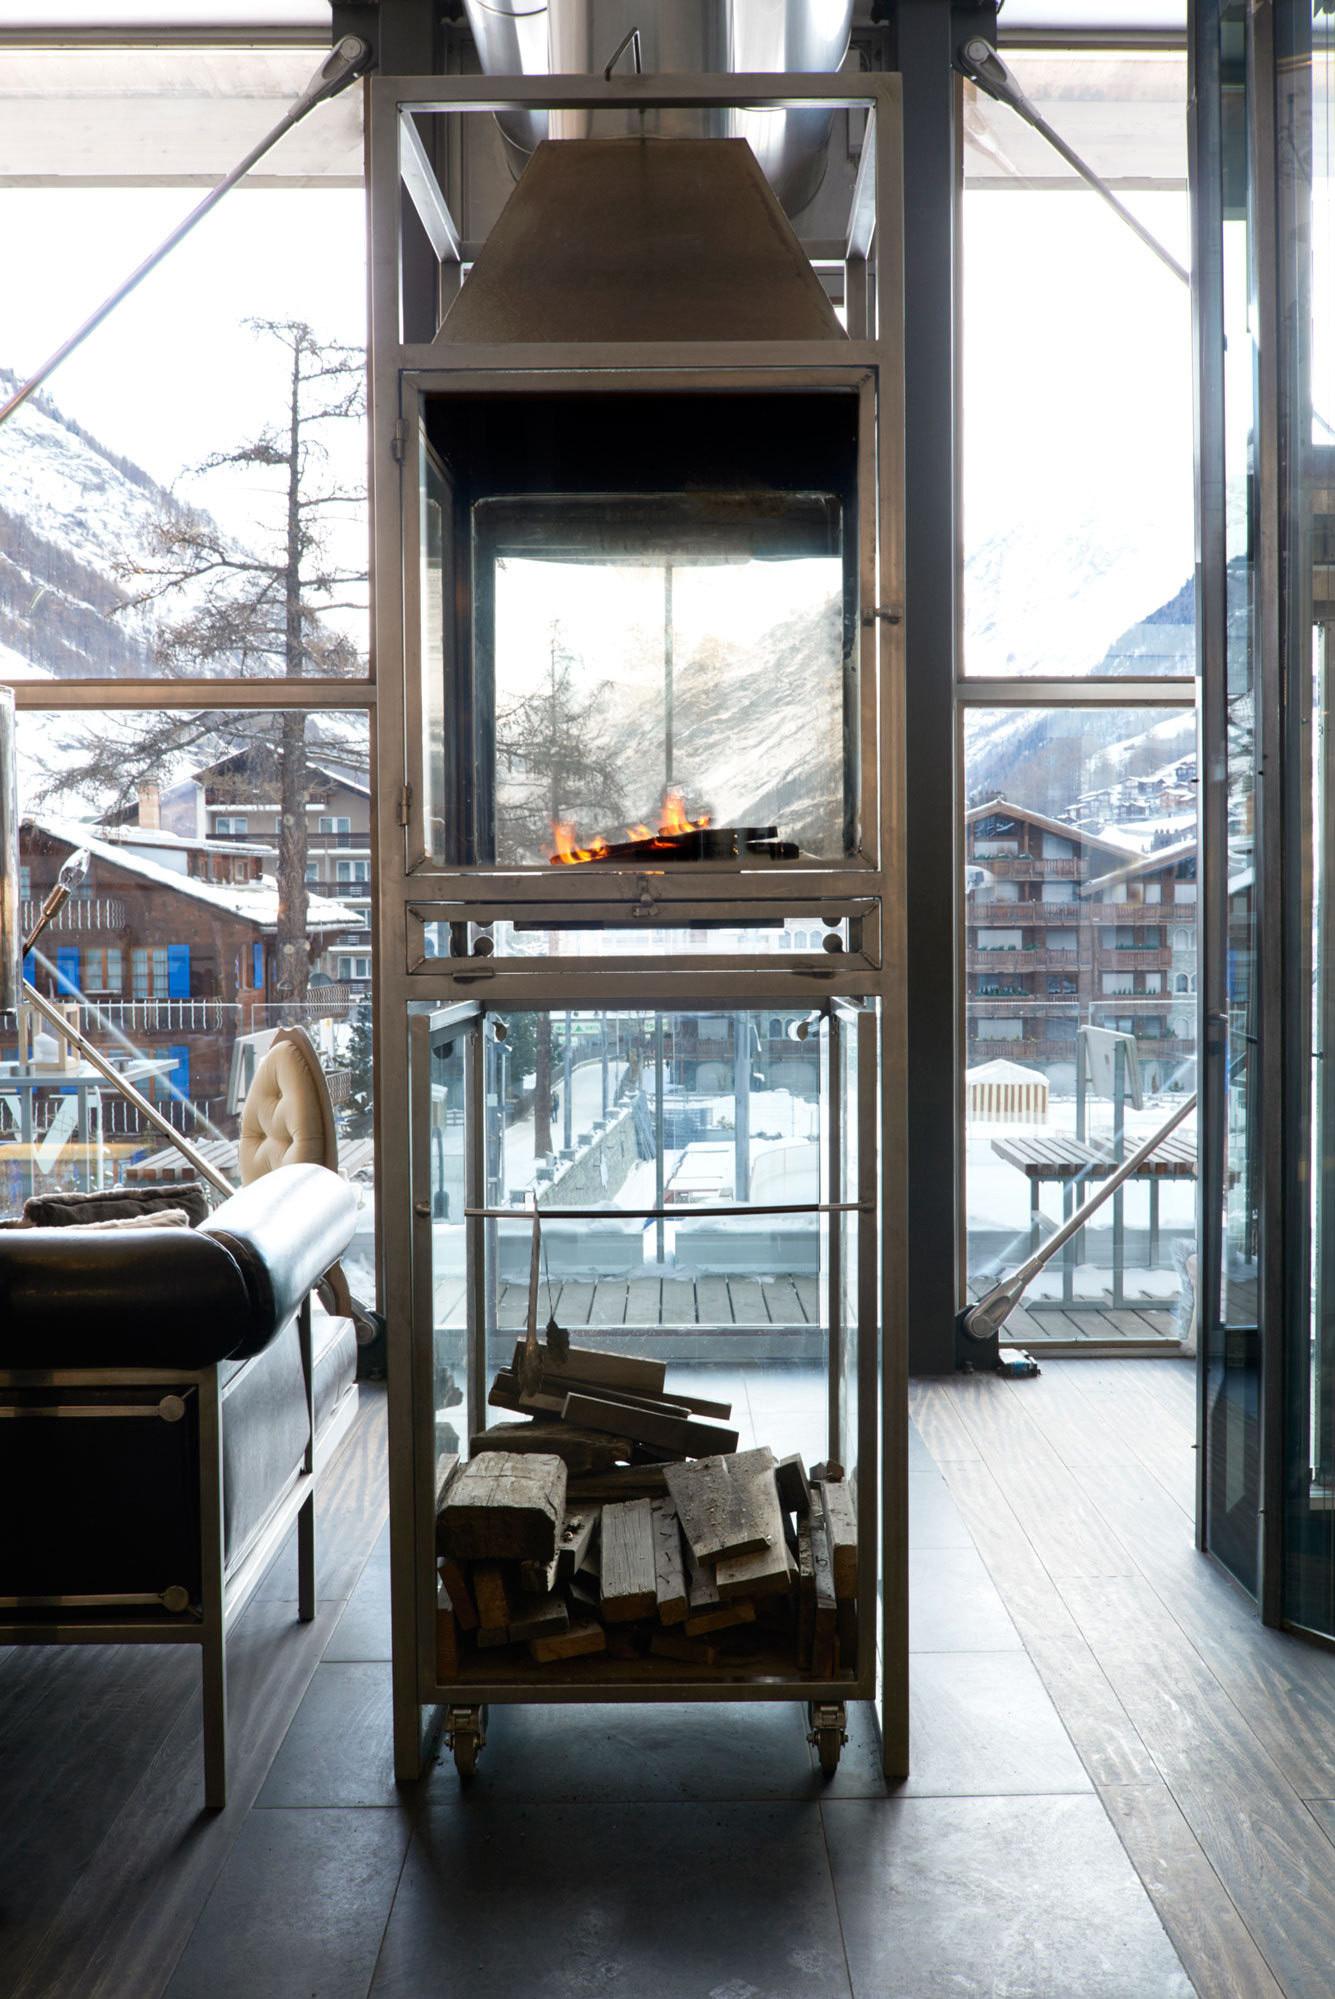 heinz_julen_fireplace